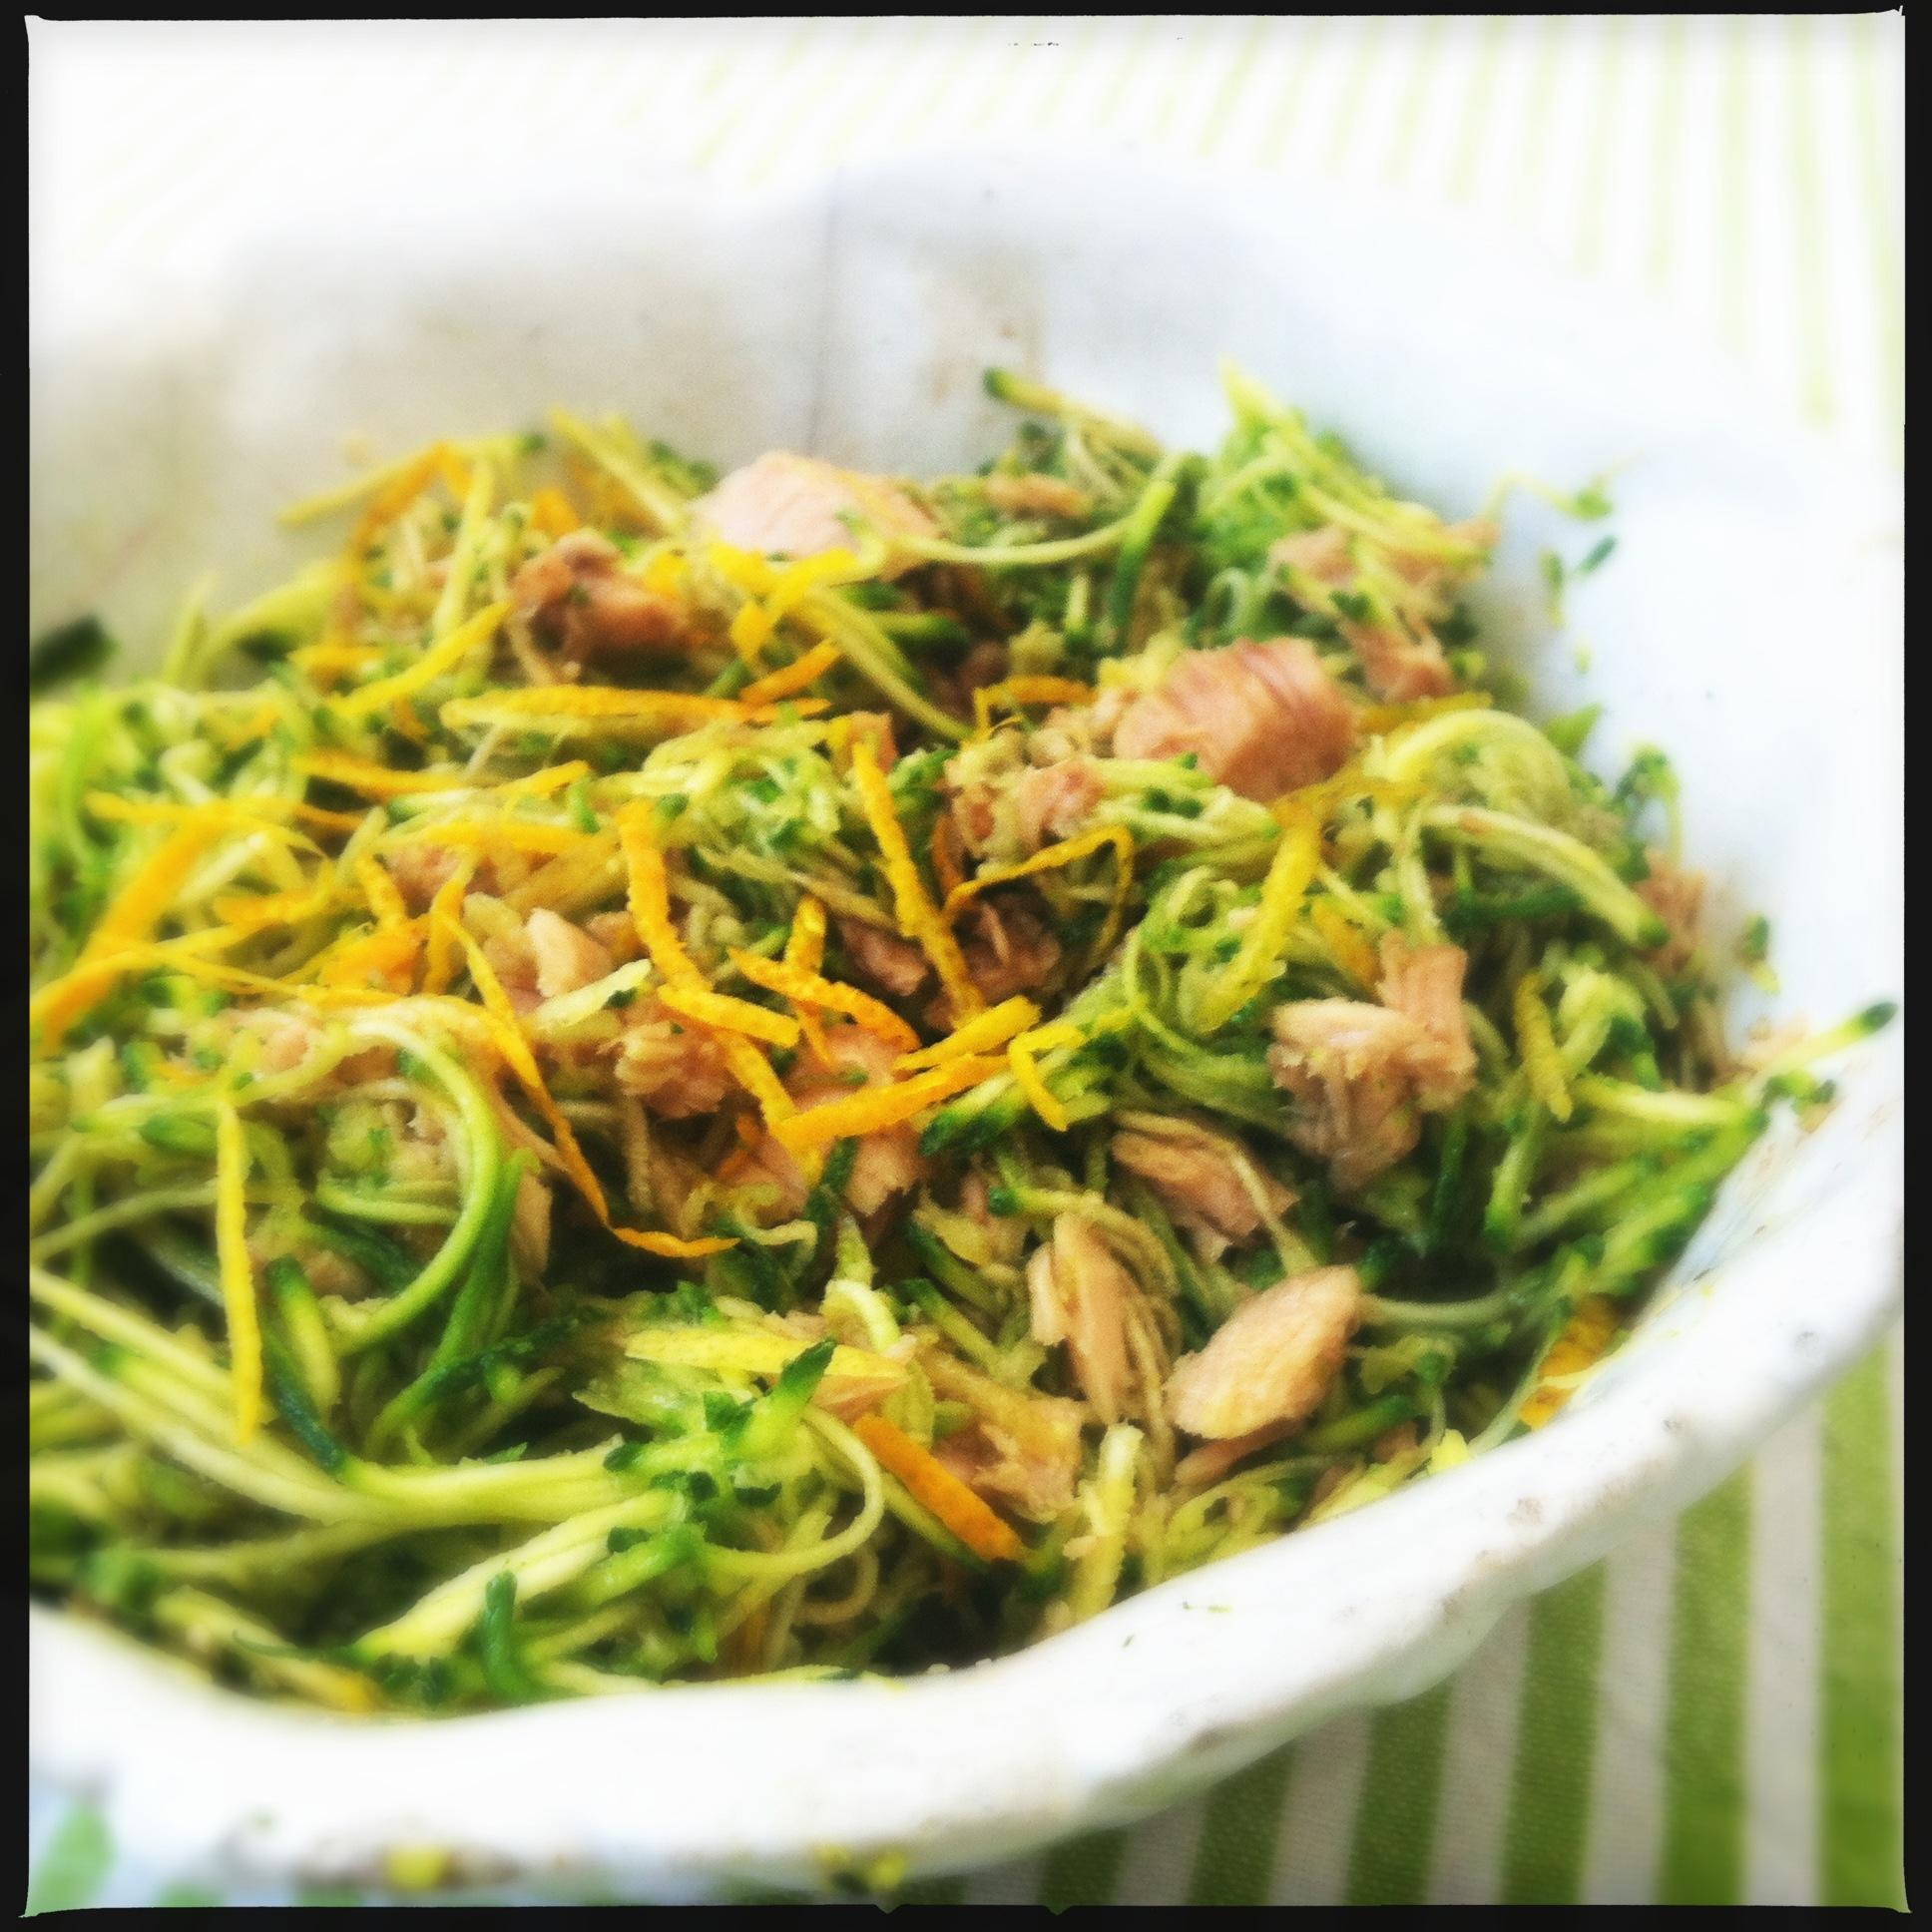 Insalata di zucchine alla julienne con tonno e agrumi for Verdure alla julienne